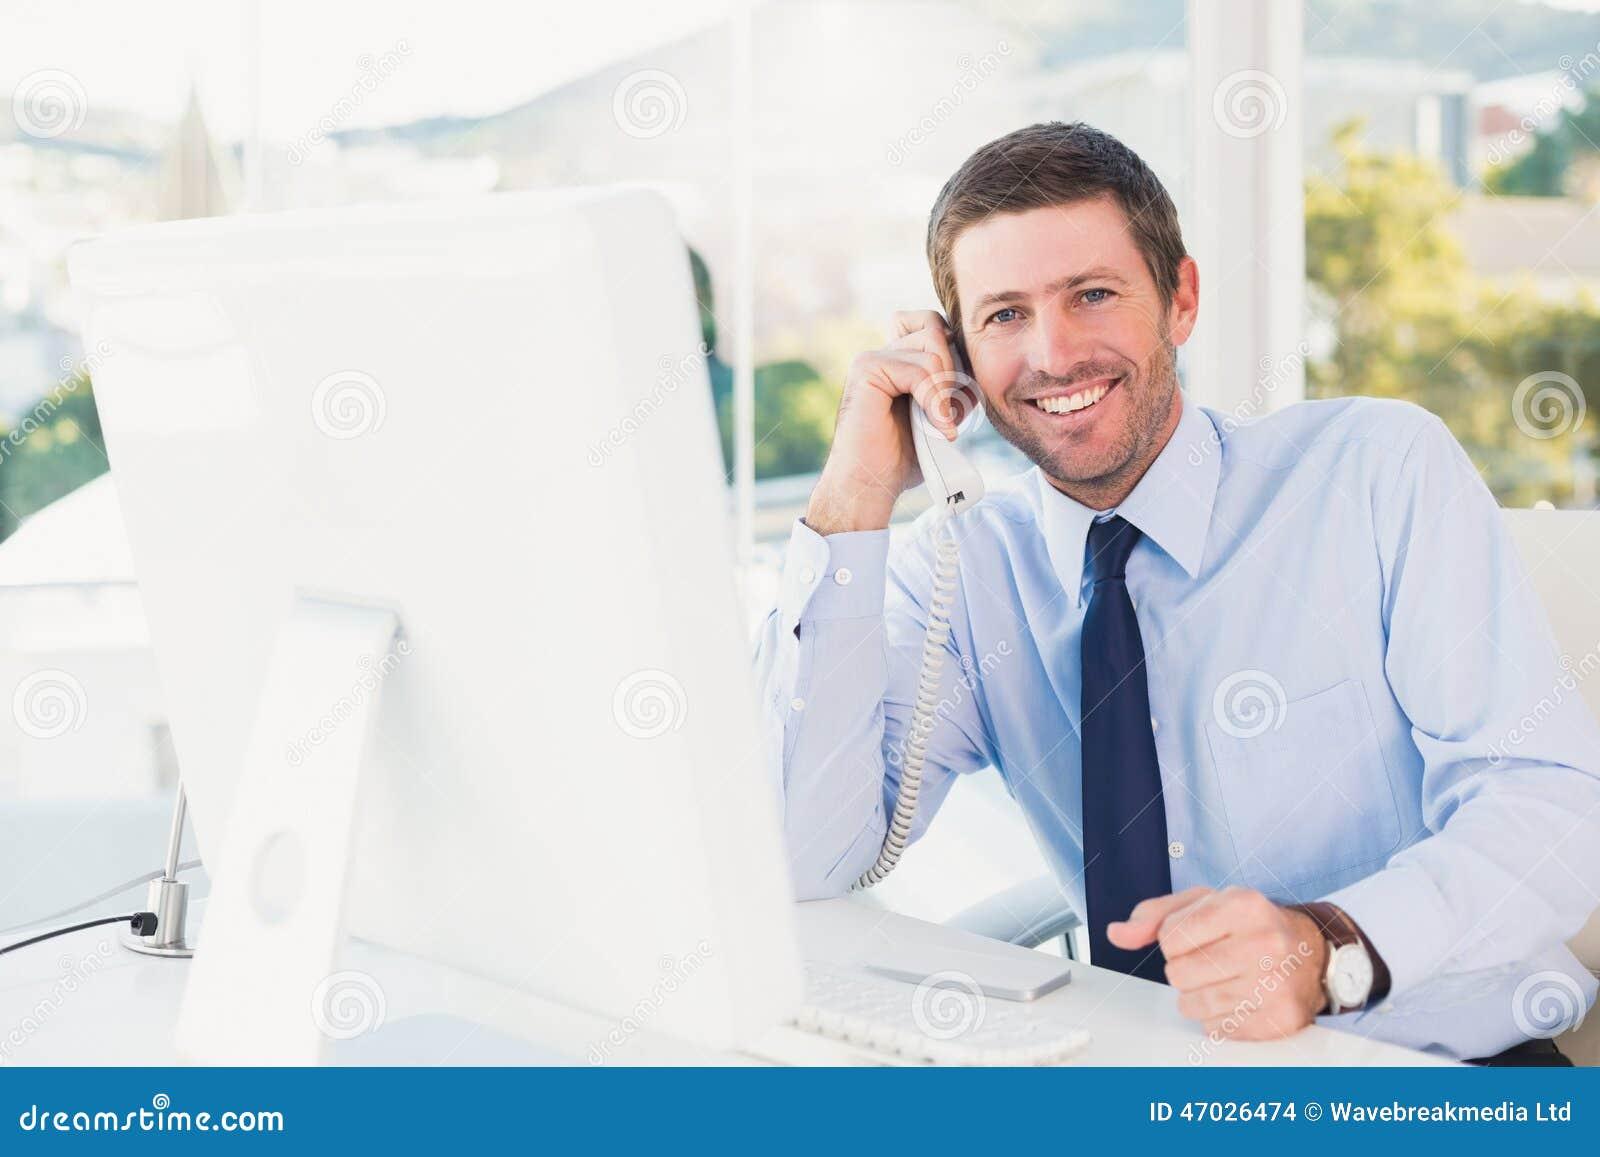 homme d 39 affaires de sourire t l phonant son bureau photo stock image du l gant technologie. Black Bedroom Furniture Sets. Home Design Ideas